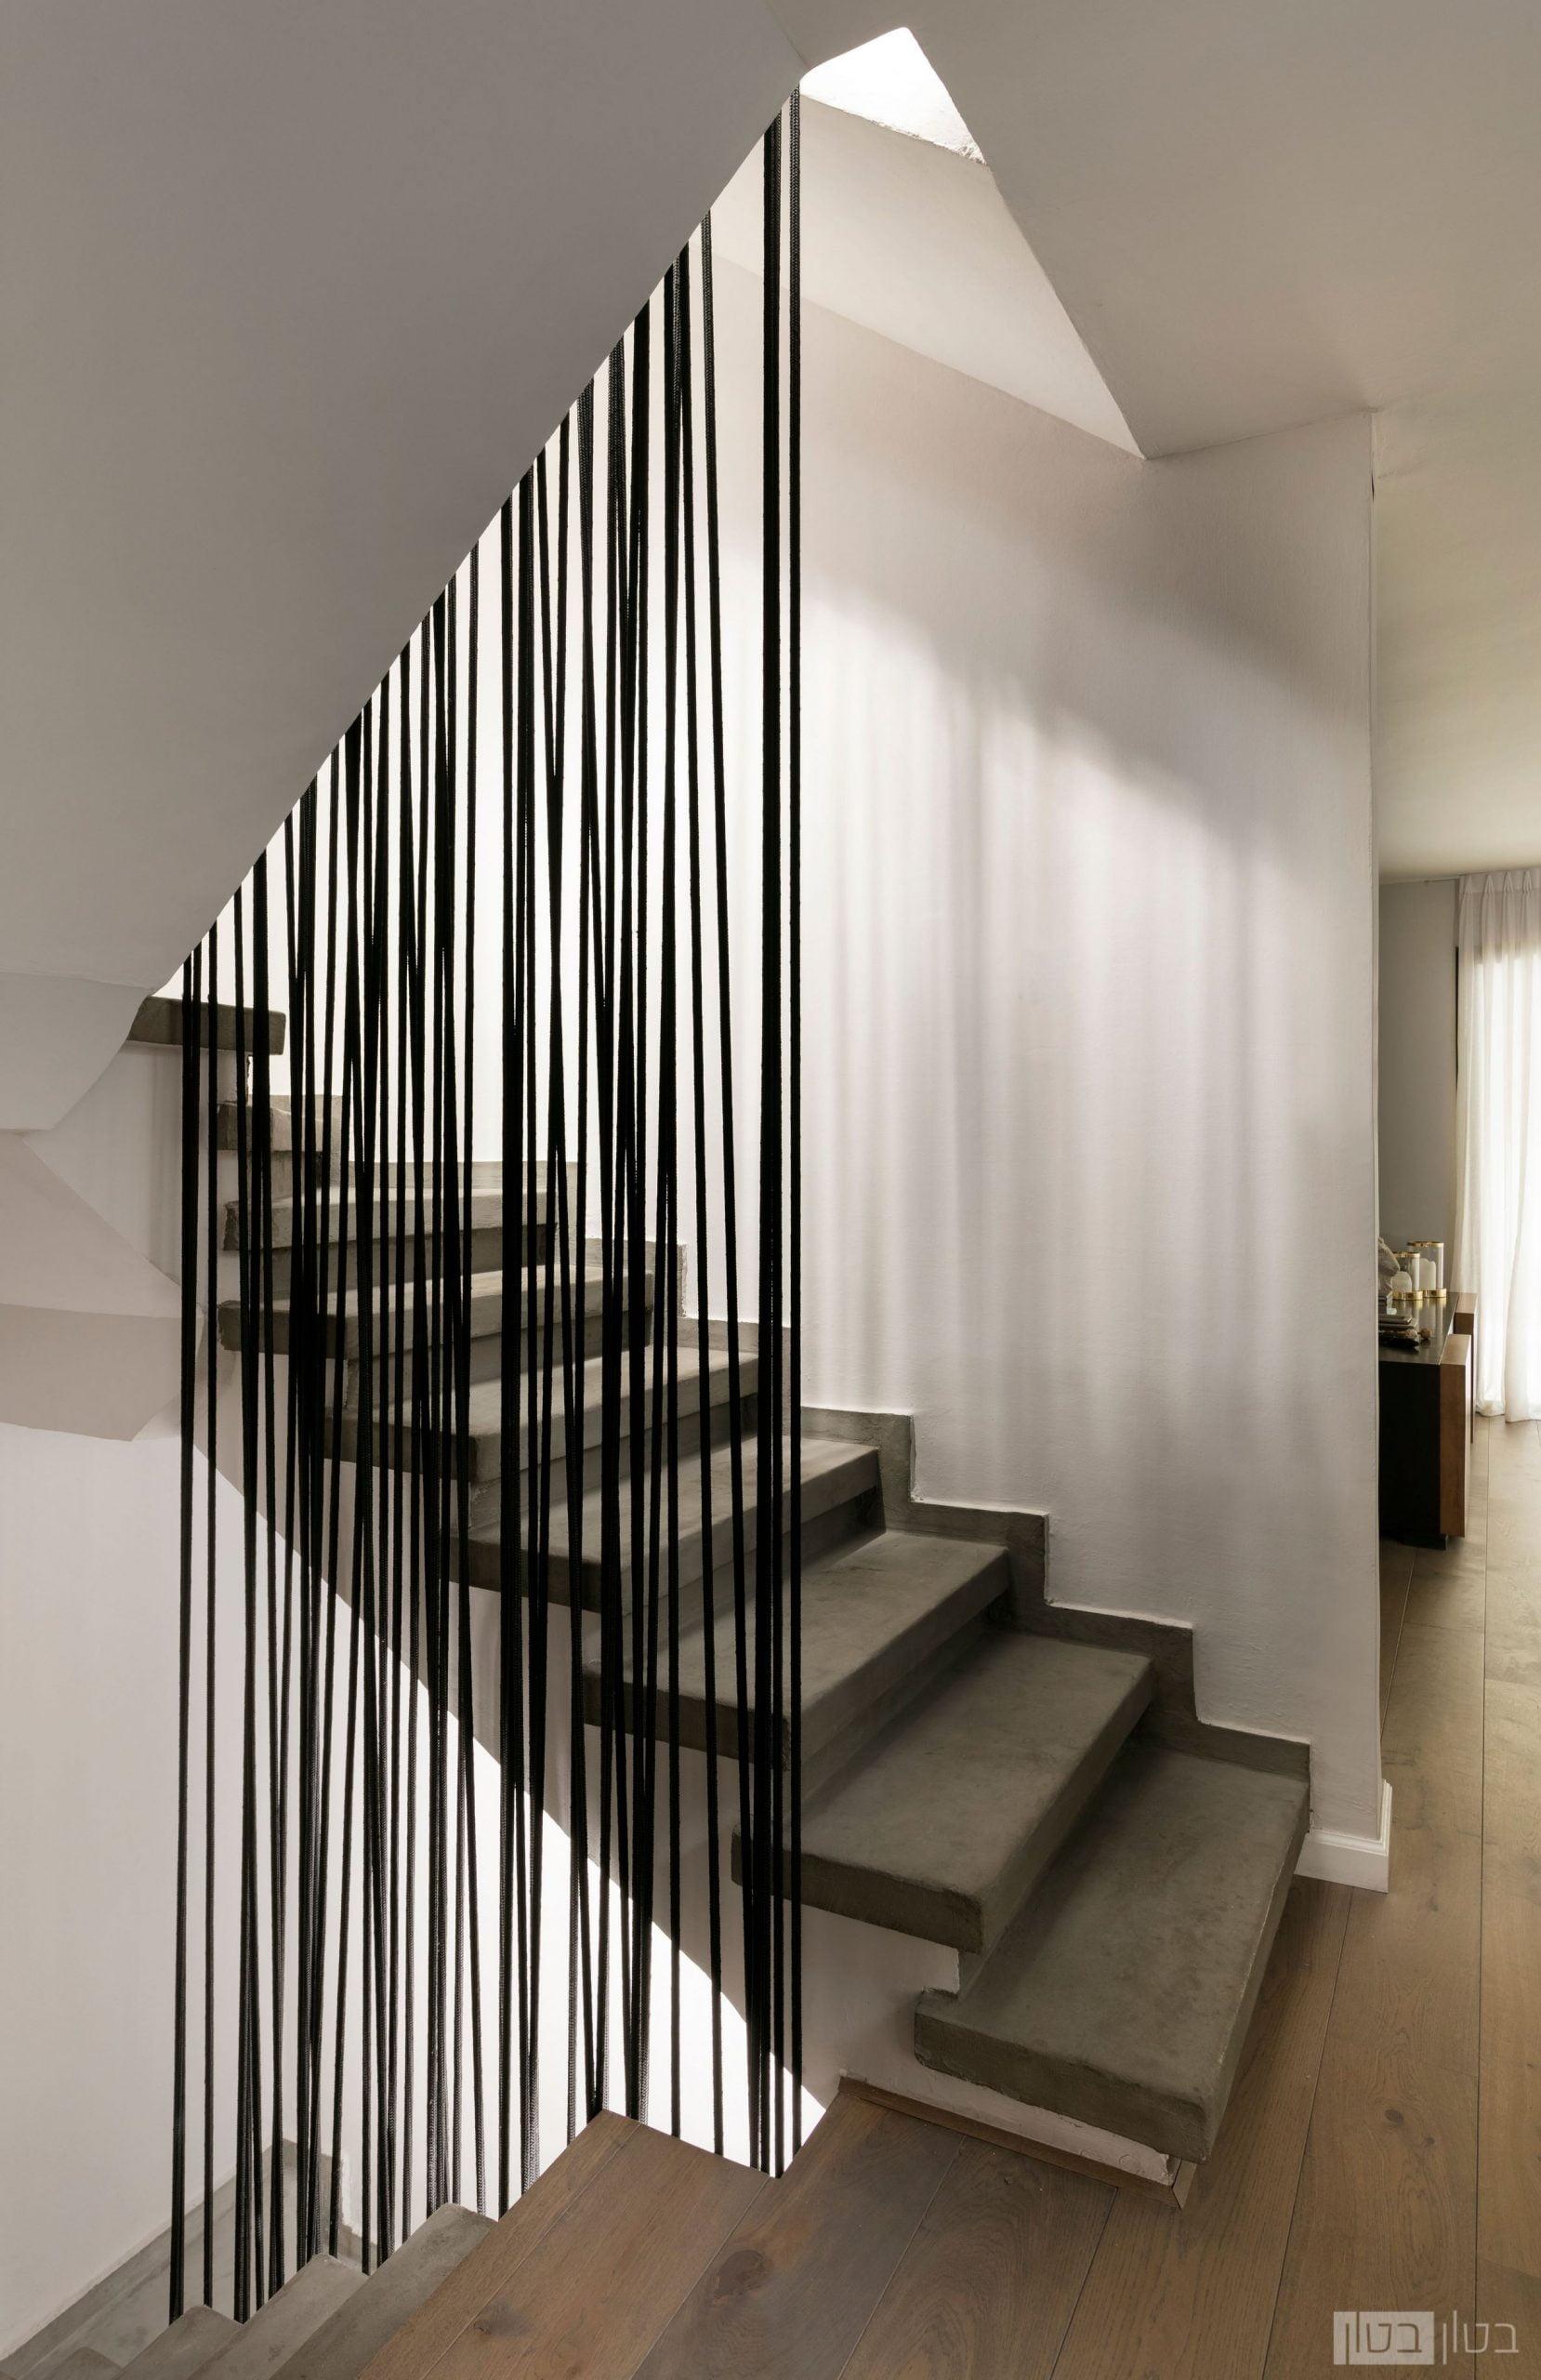 מדרגות בטון מודרניות בוילה